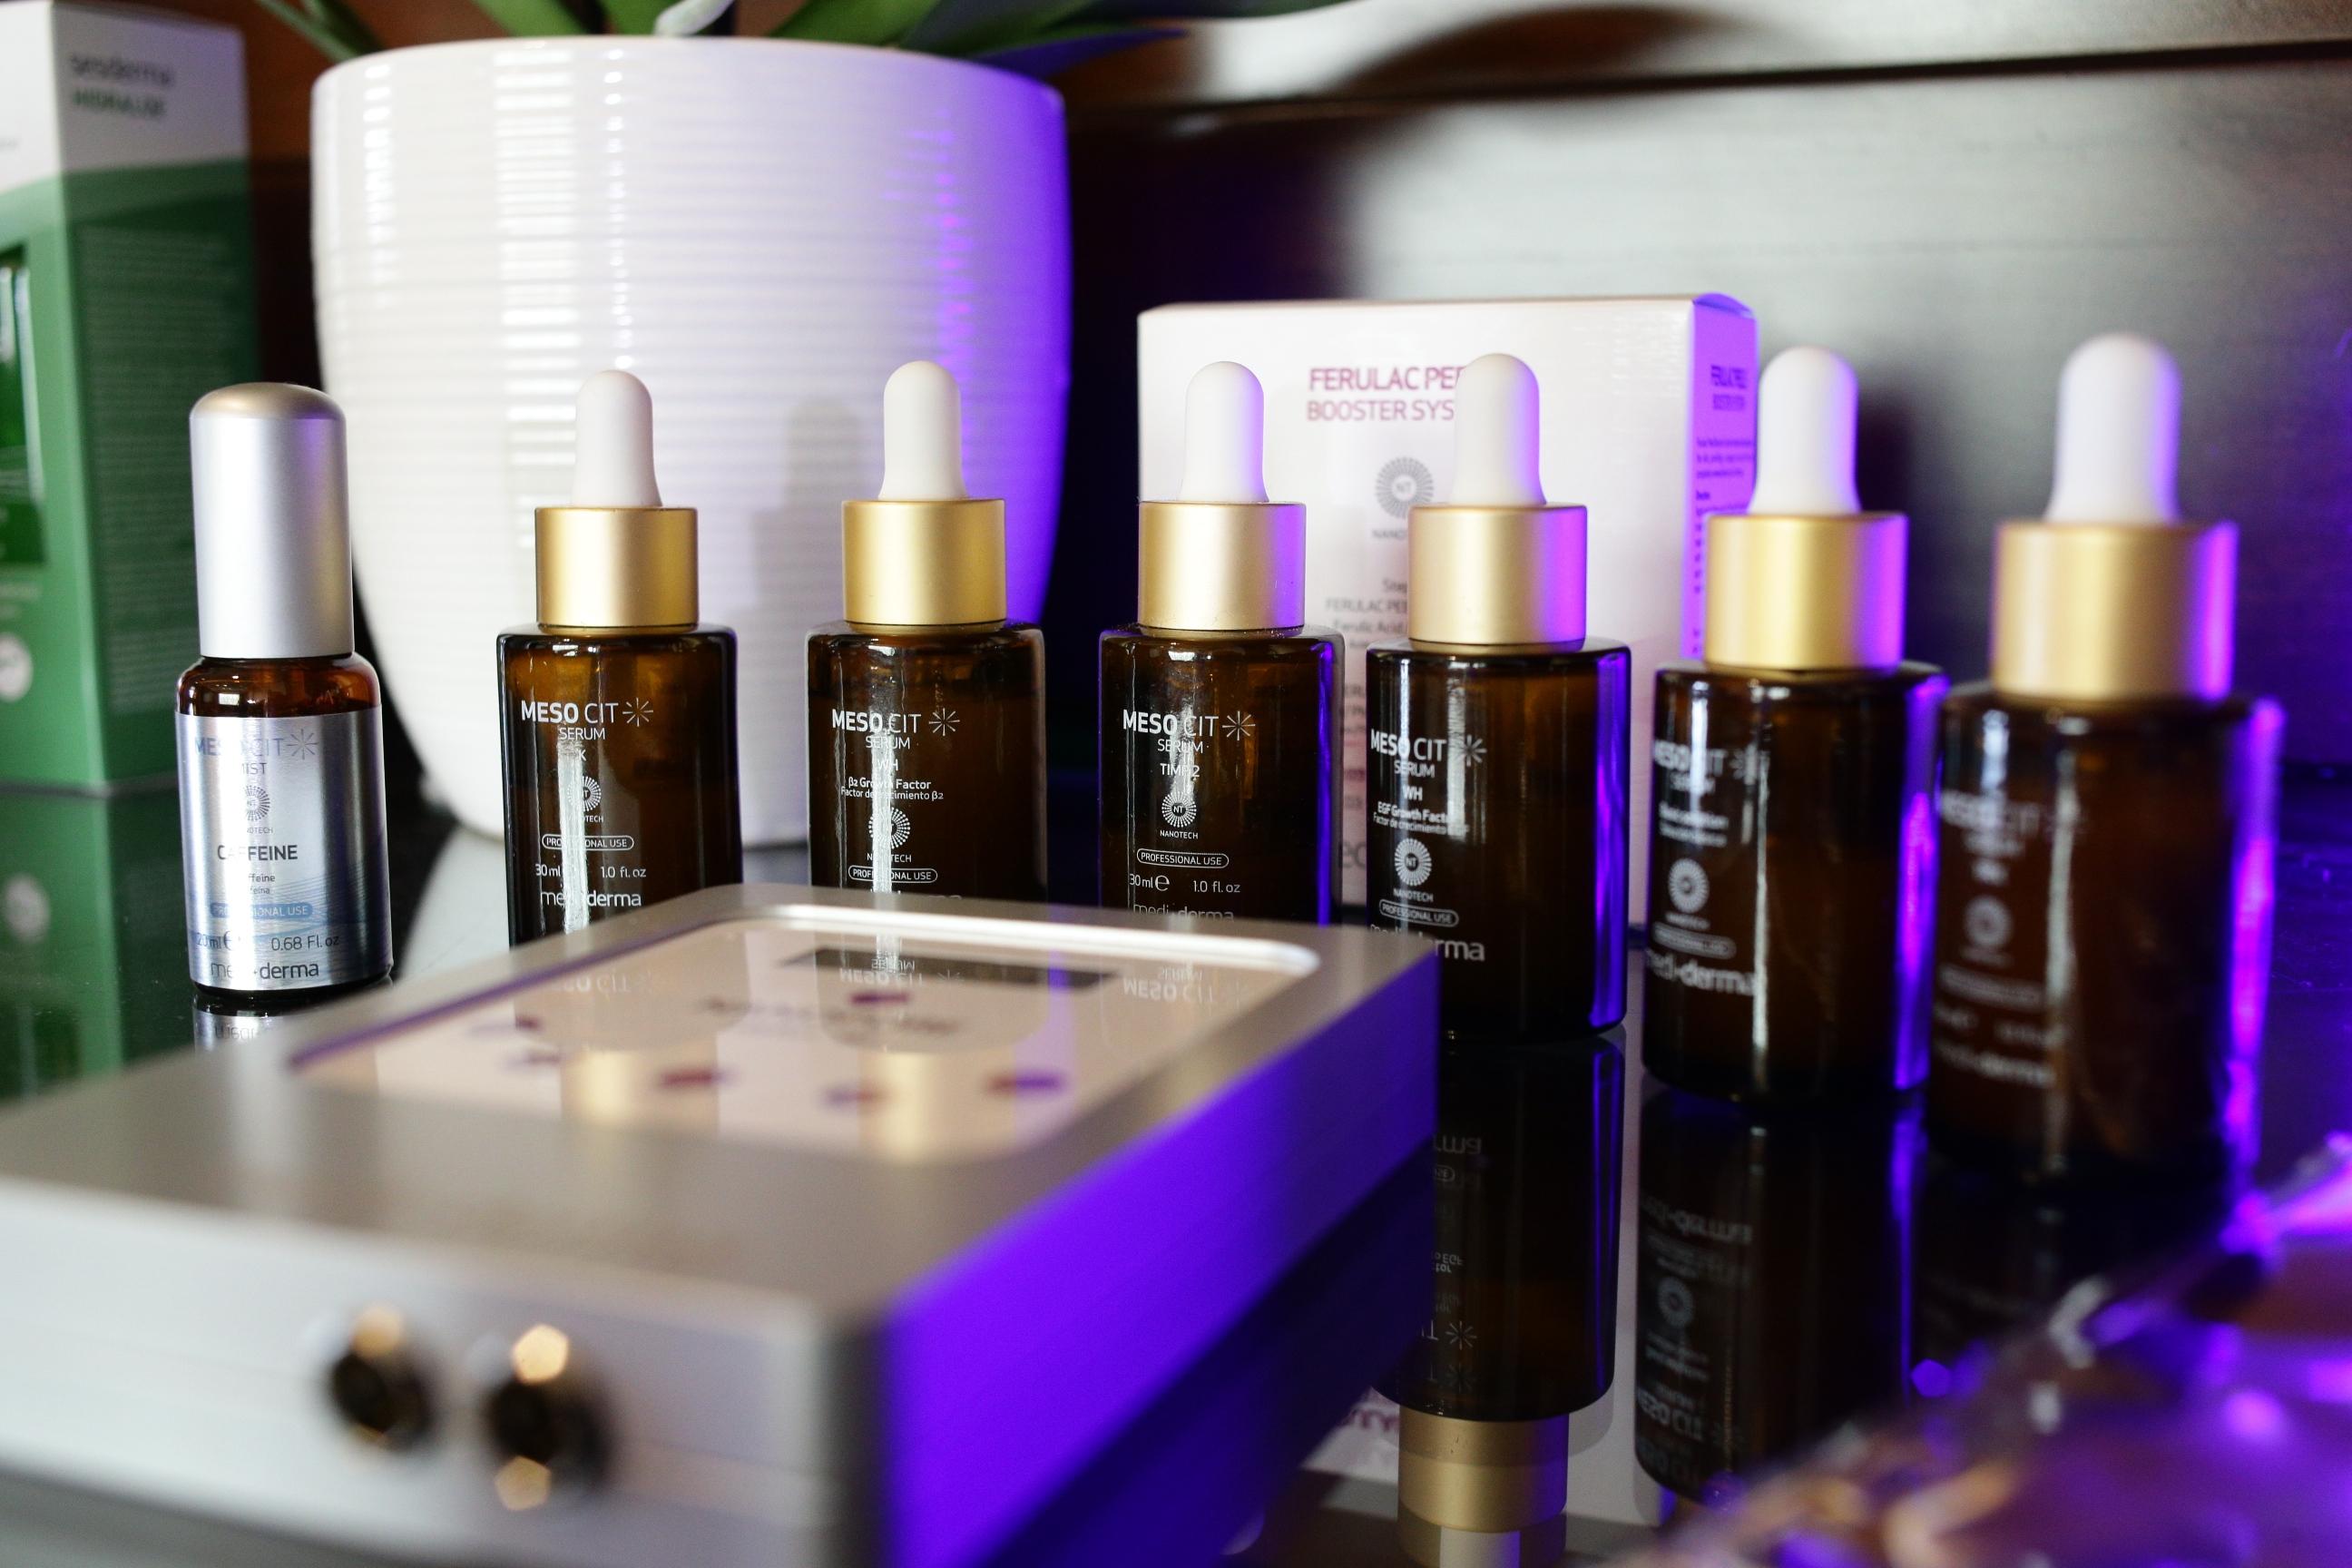 dermatocosmeticele-bazate-pe-nanotehnologie-intra-